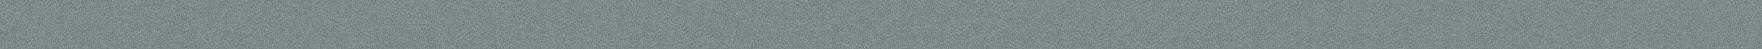 Бордюр FAP Ceramiche Lumina +23867 Satinato Silver Listello бордюр mallol sidney listello chic 7 5x75